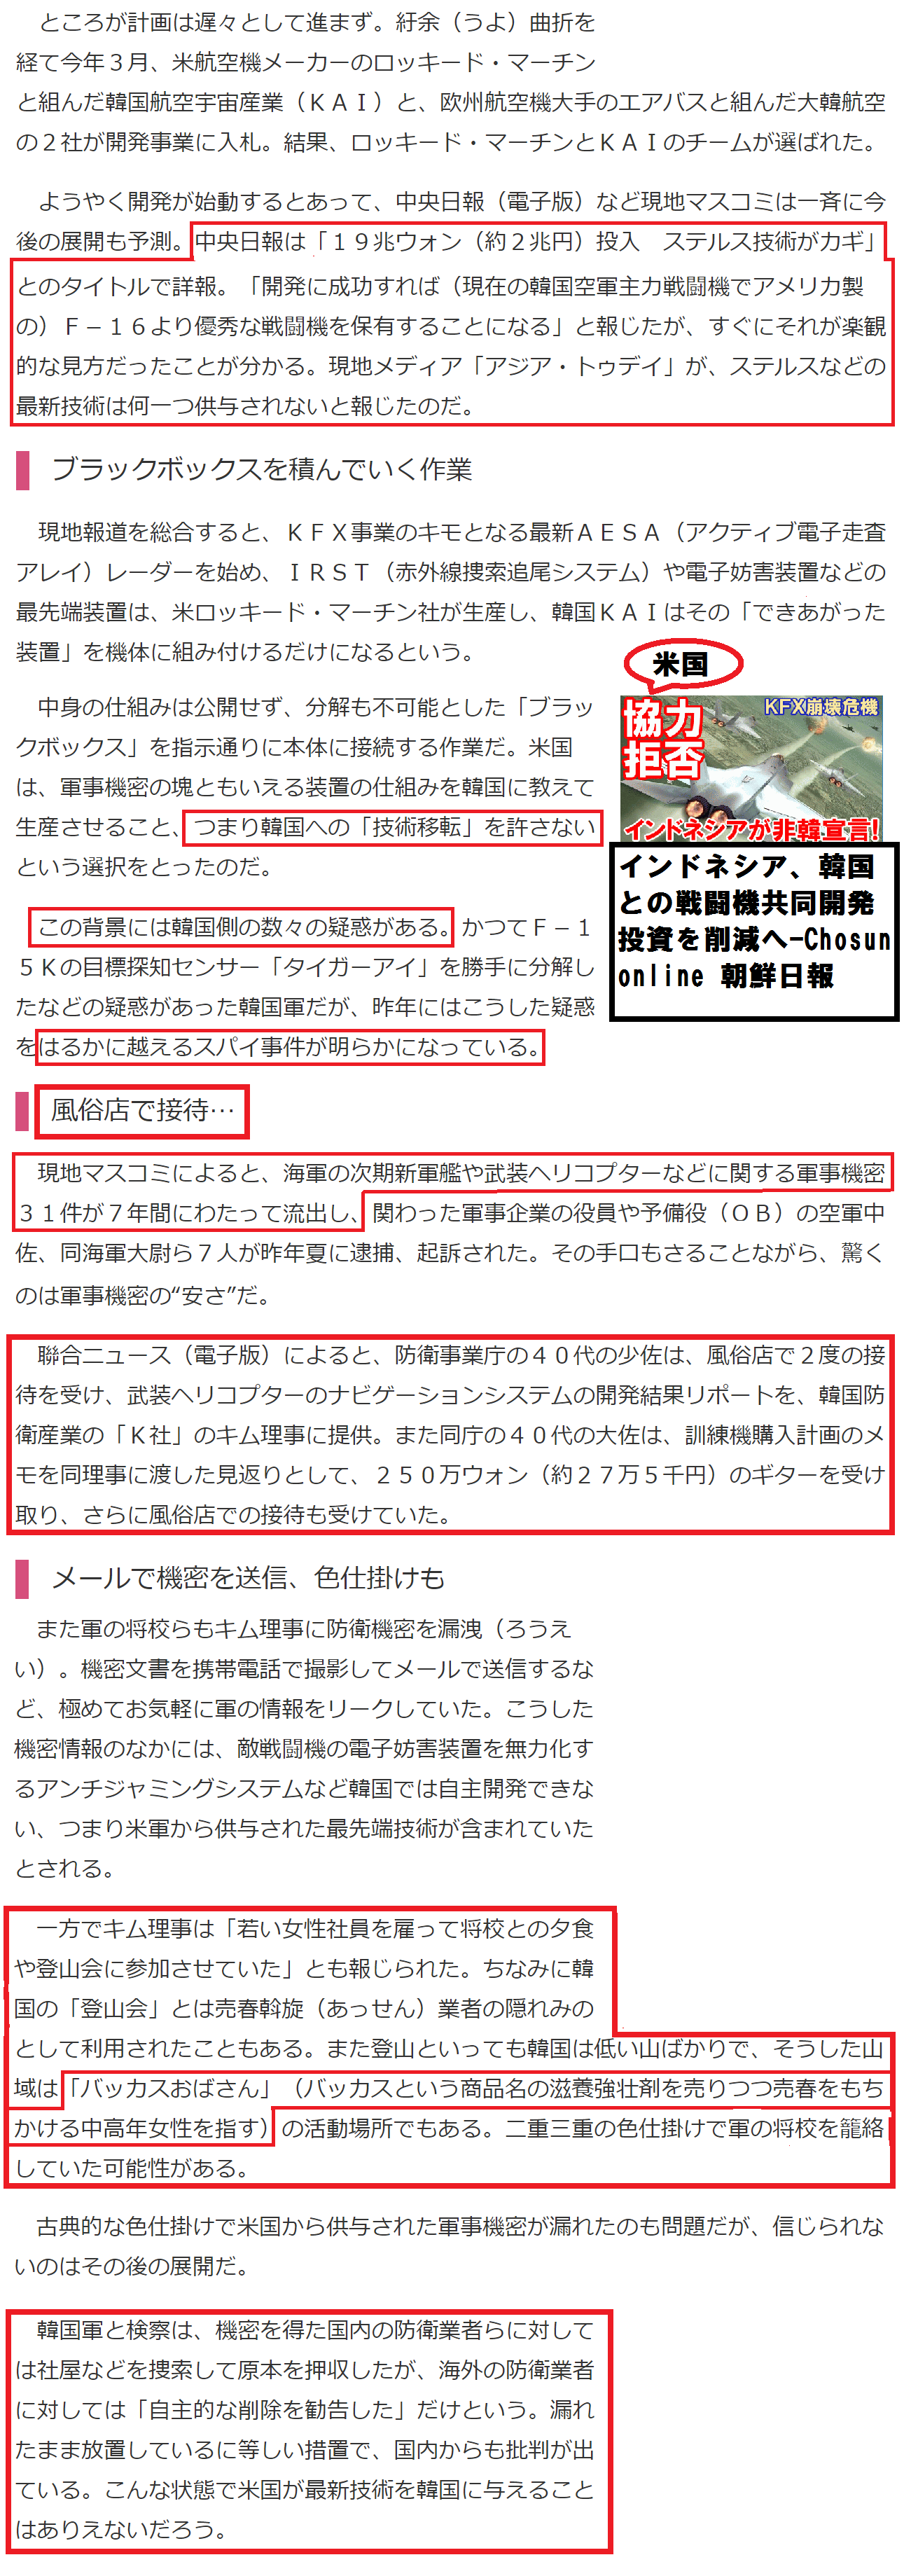 """韓国""""自業自得""""の苦境…次期戦闘機も米の技術移転は許されず 性接待で米軍幹部にスパイ強要"""